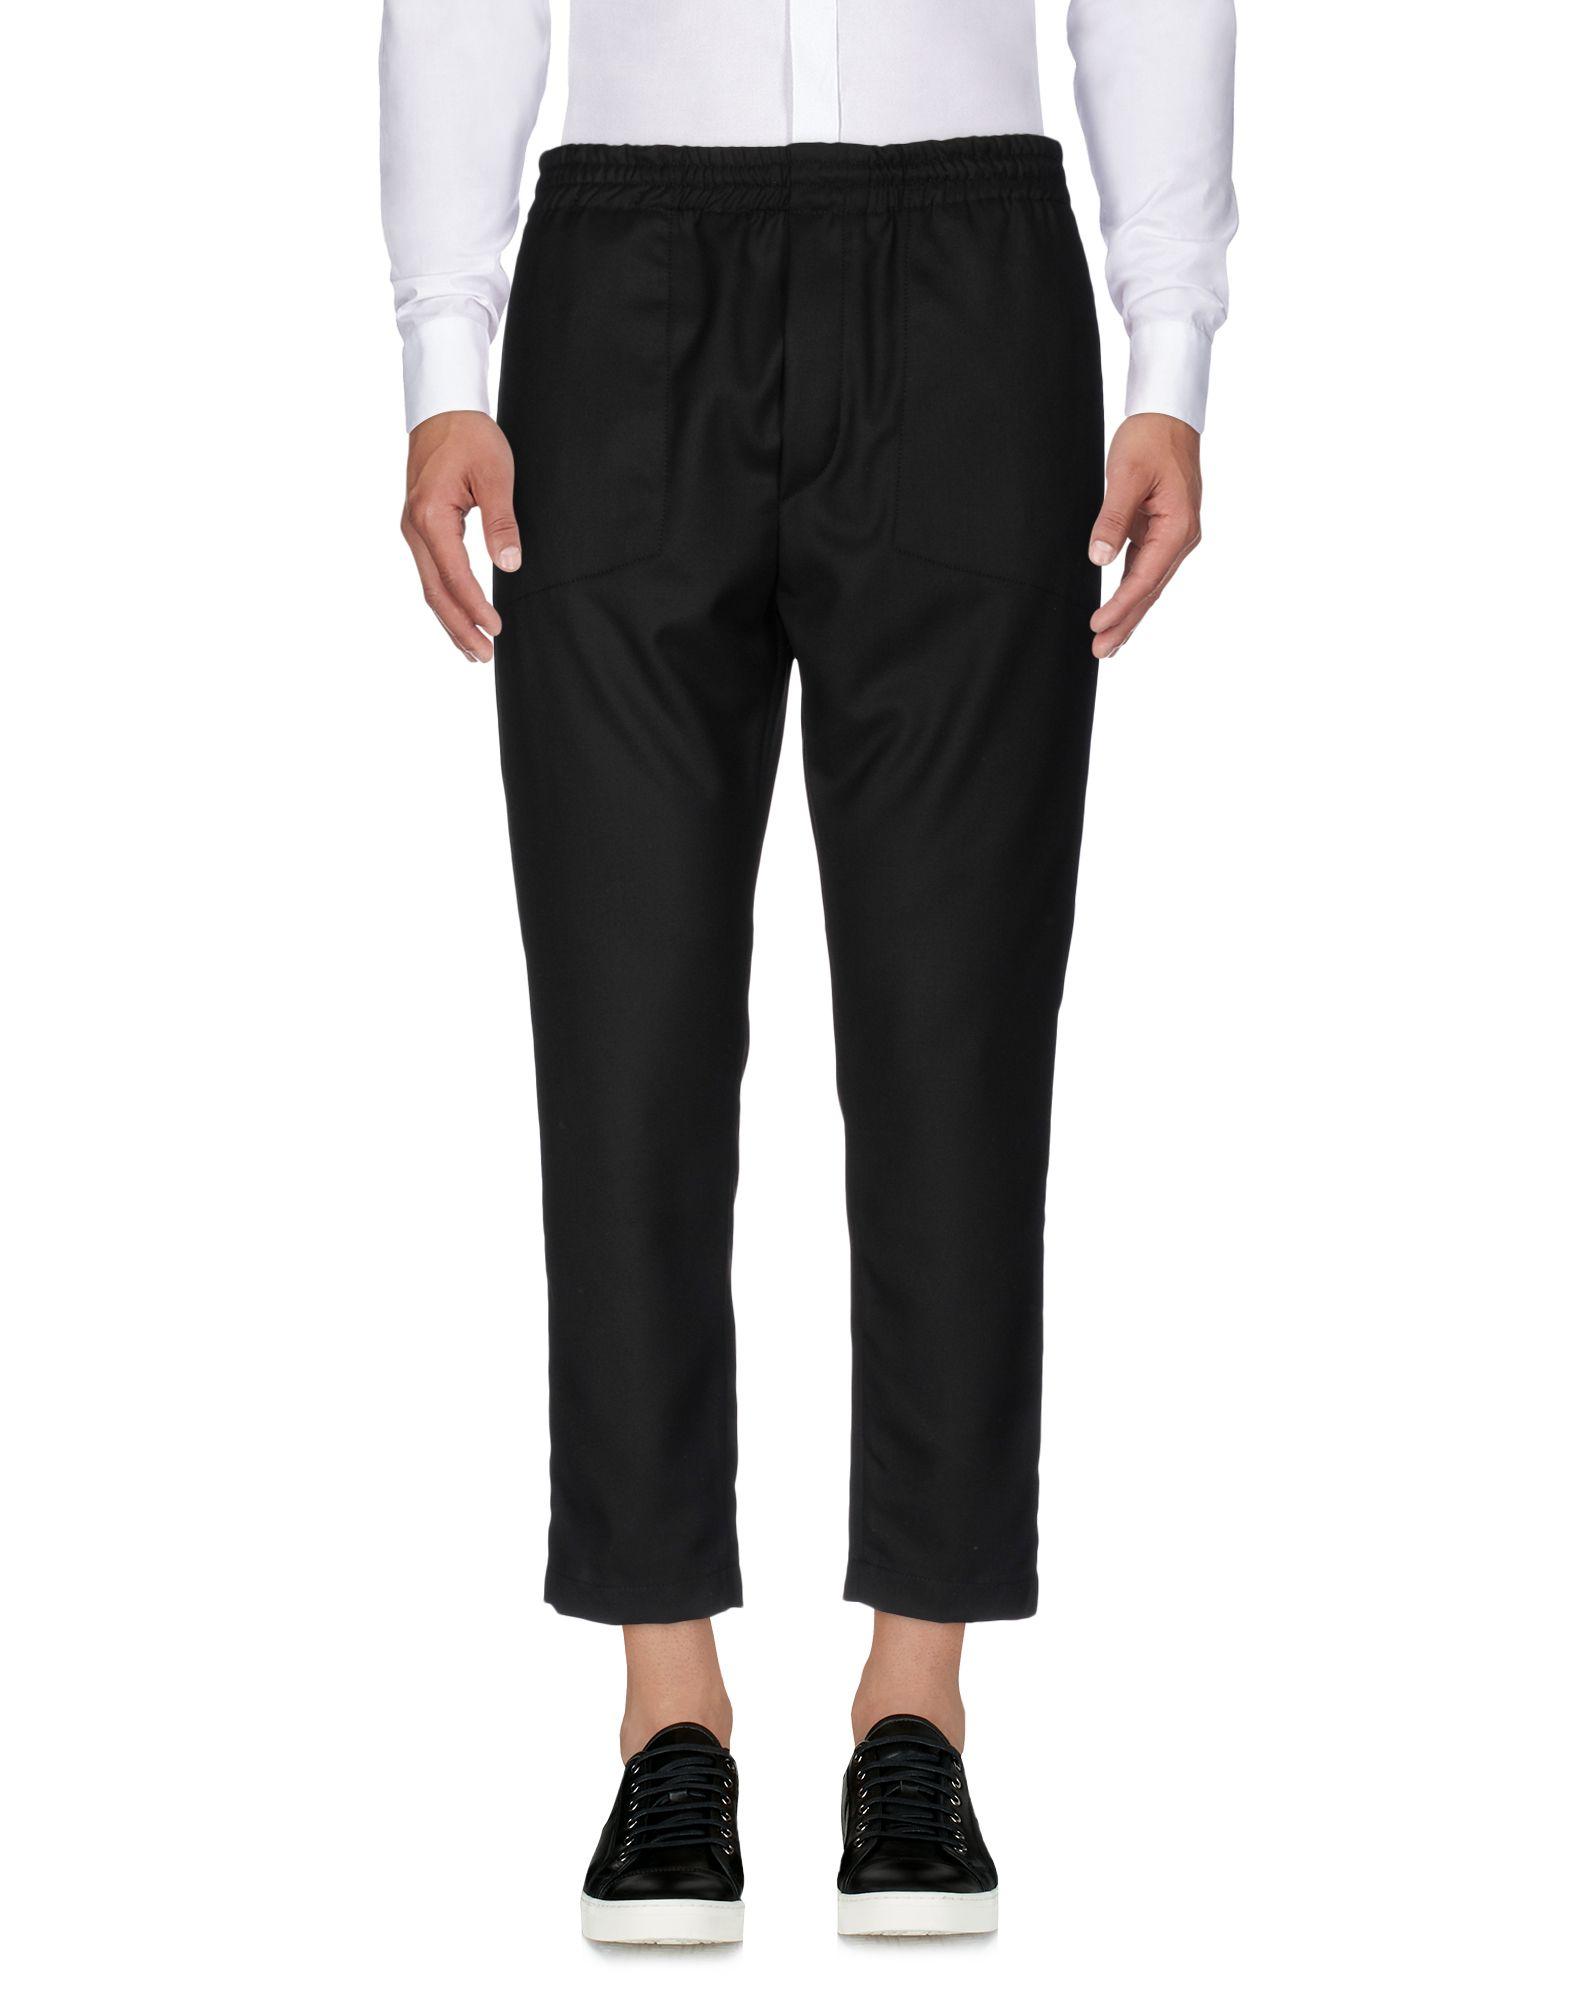 ФОТО labelroute повседневные брюки